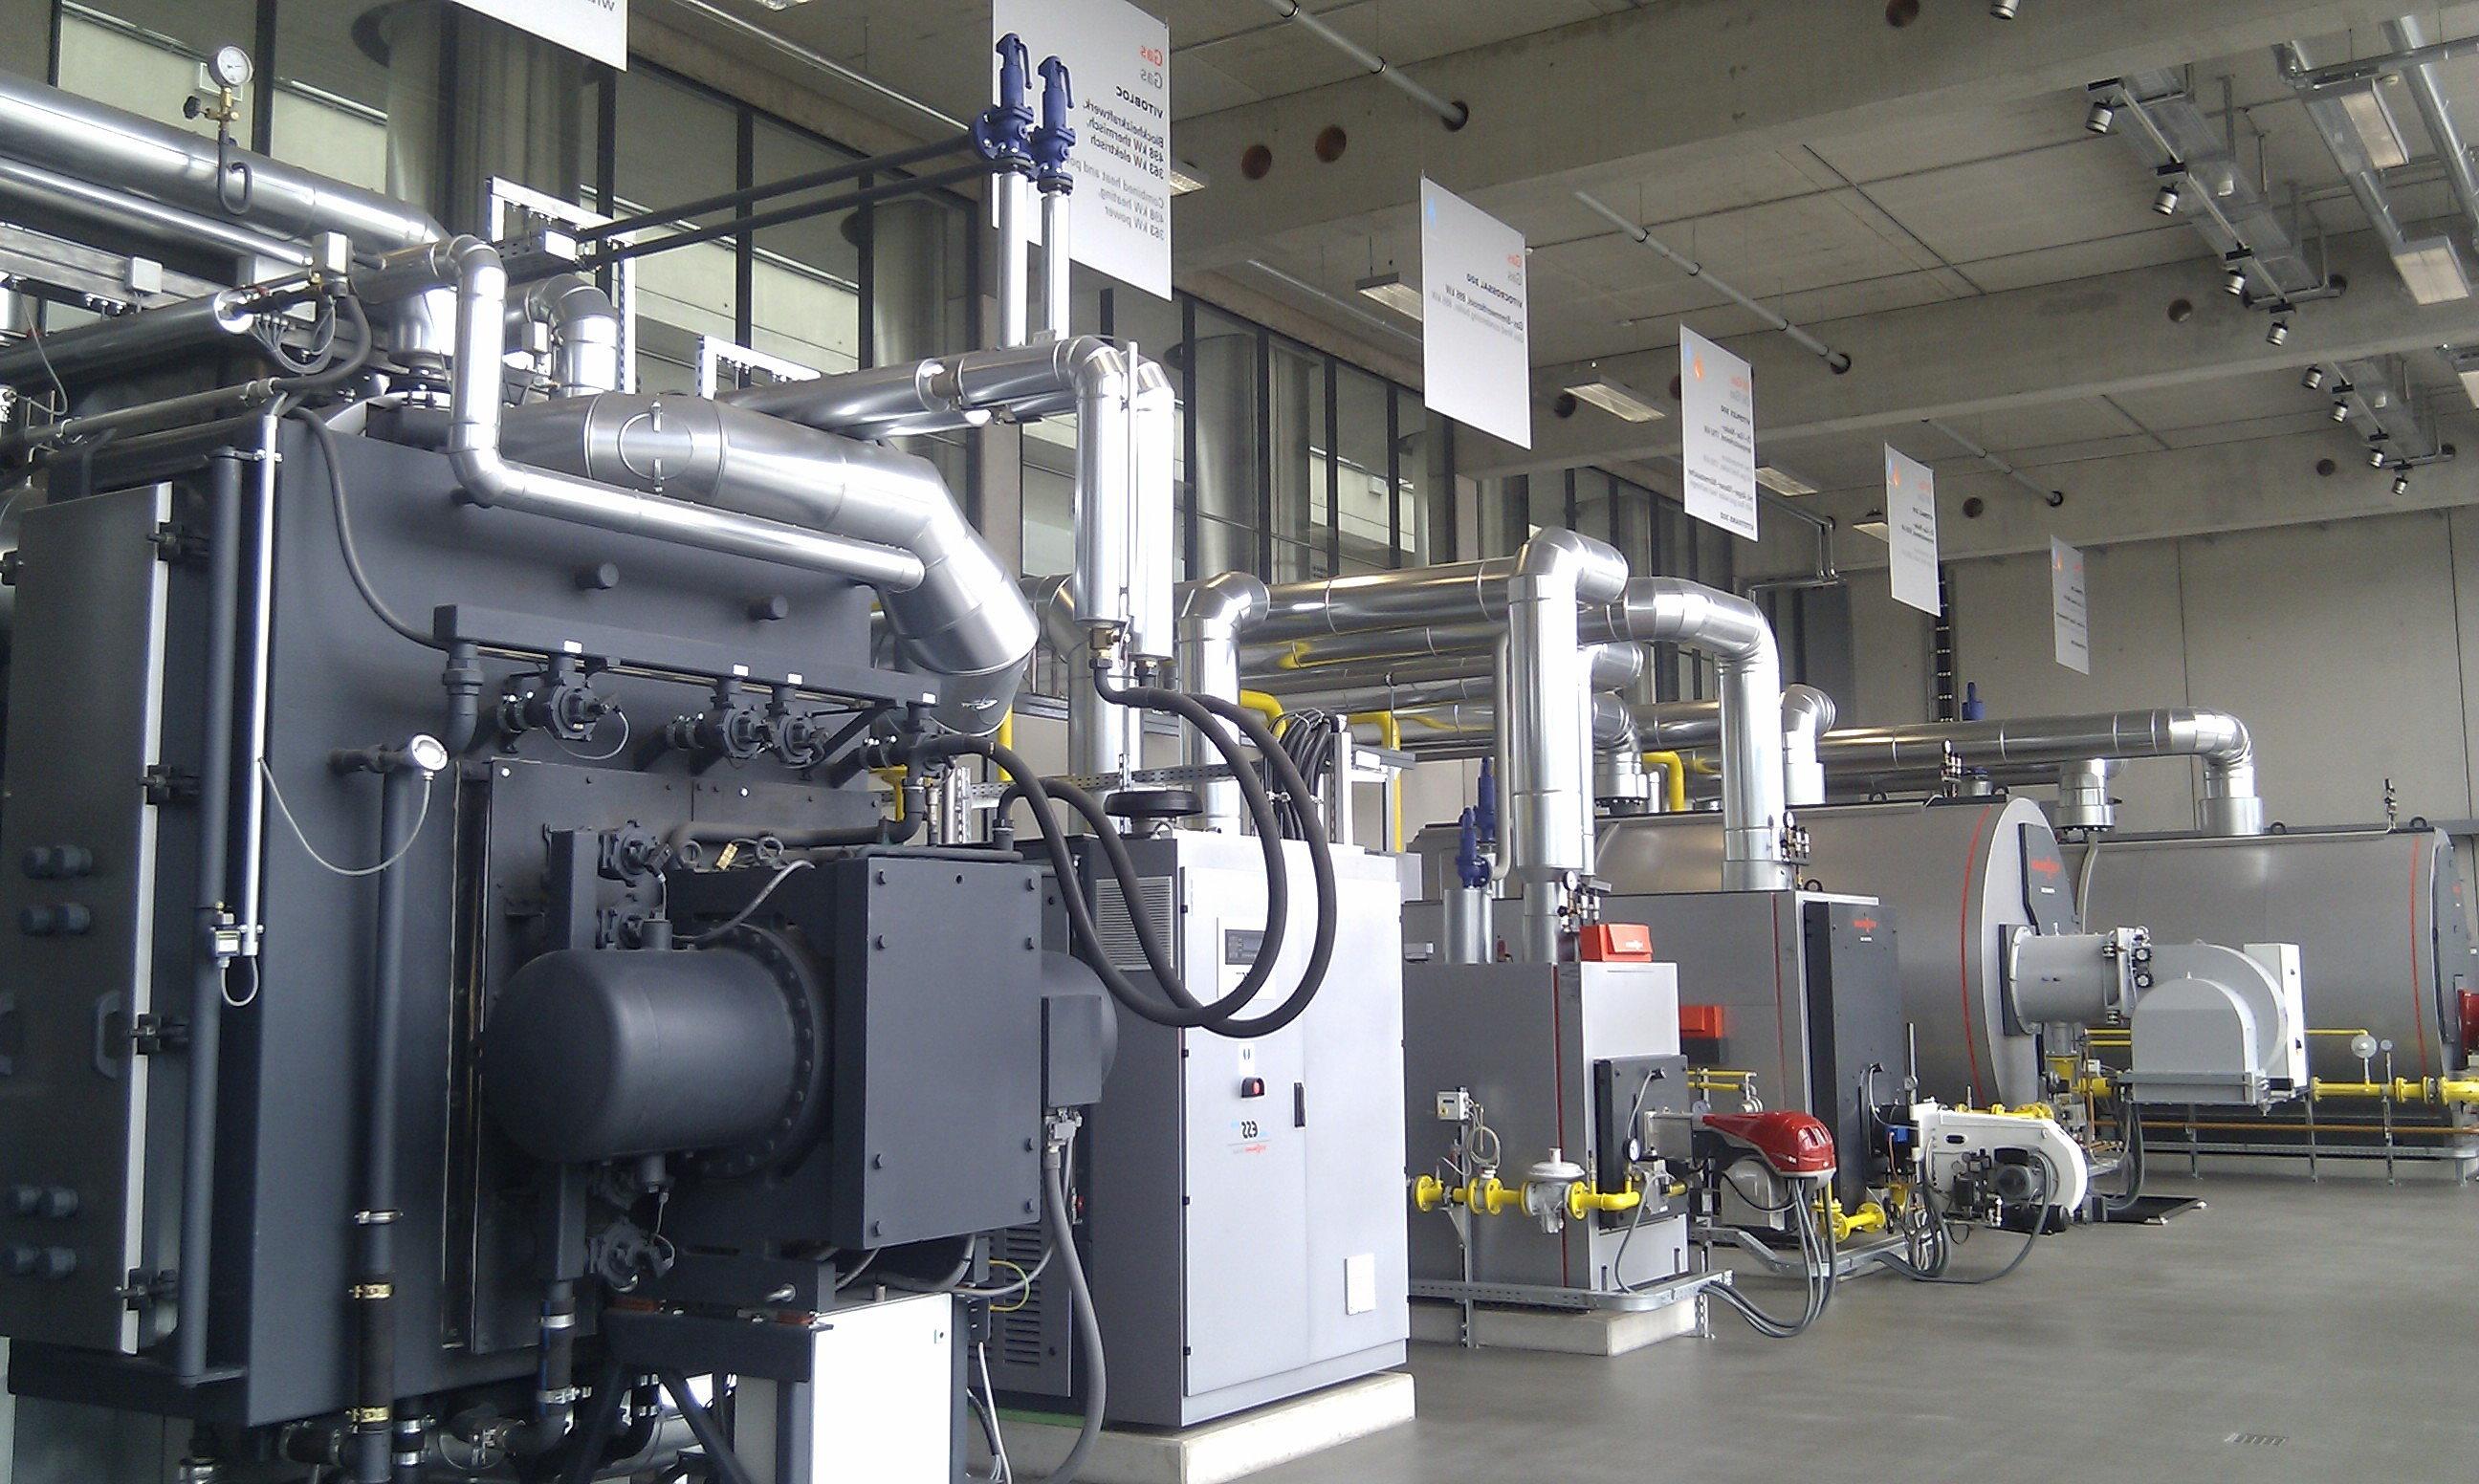 PLANplus Technische Gebäudeplanung GmbH & Co. KG